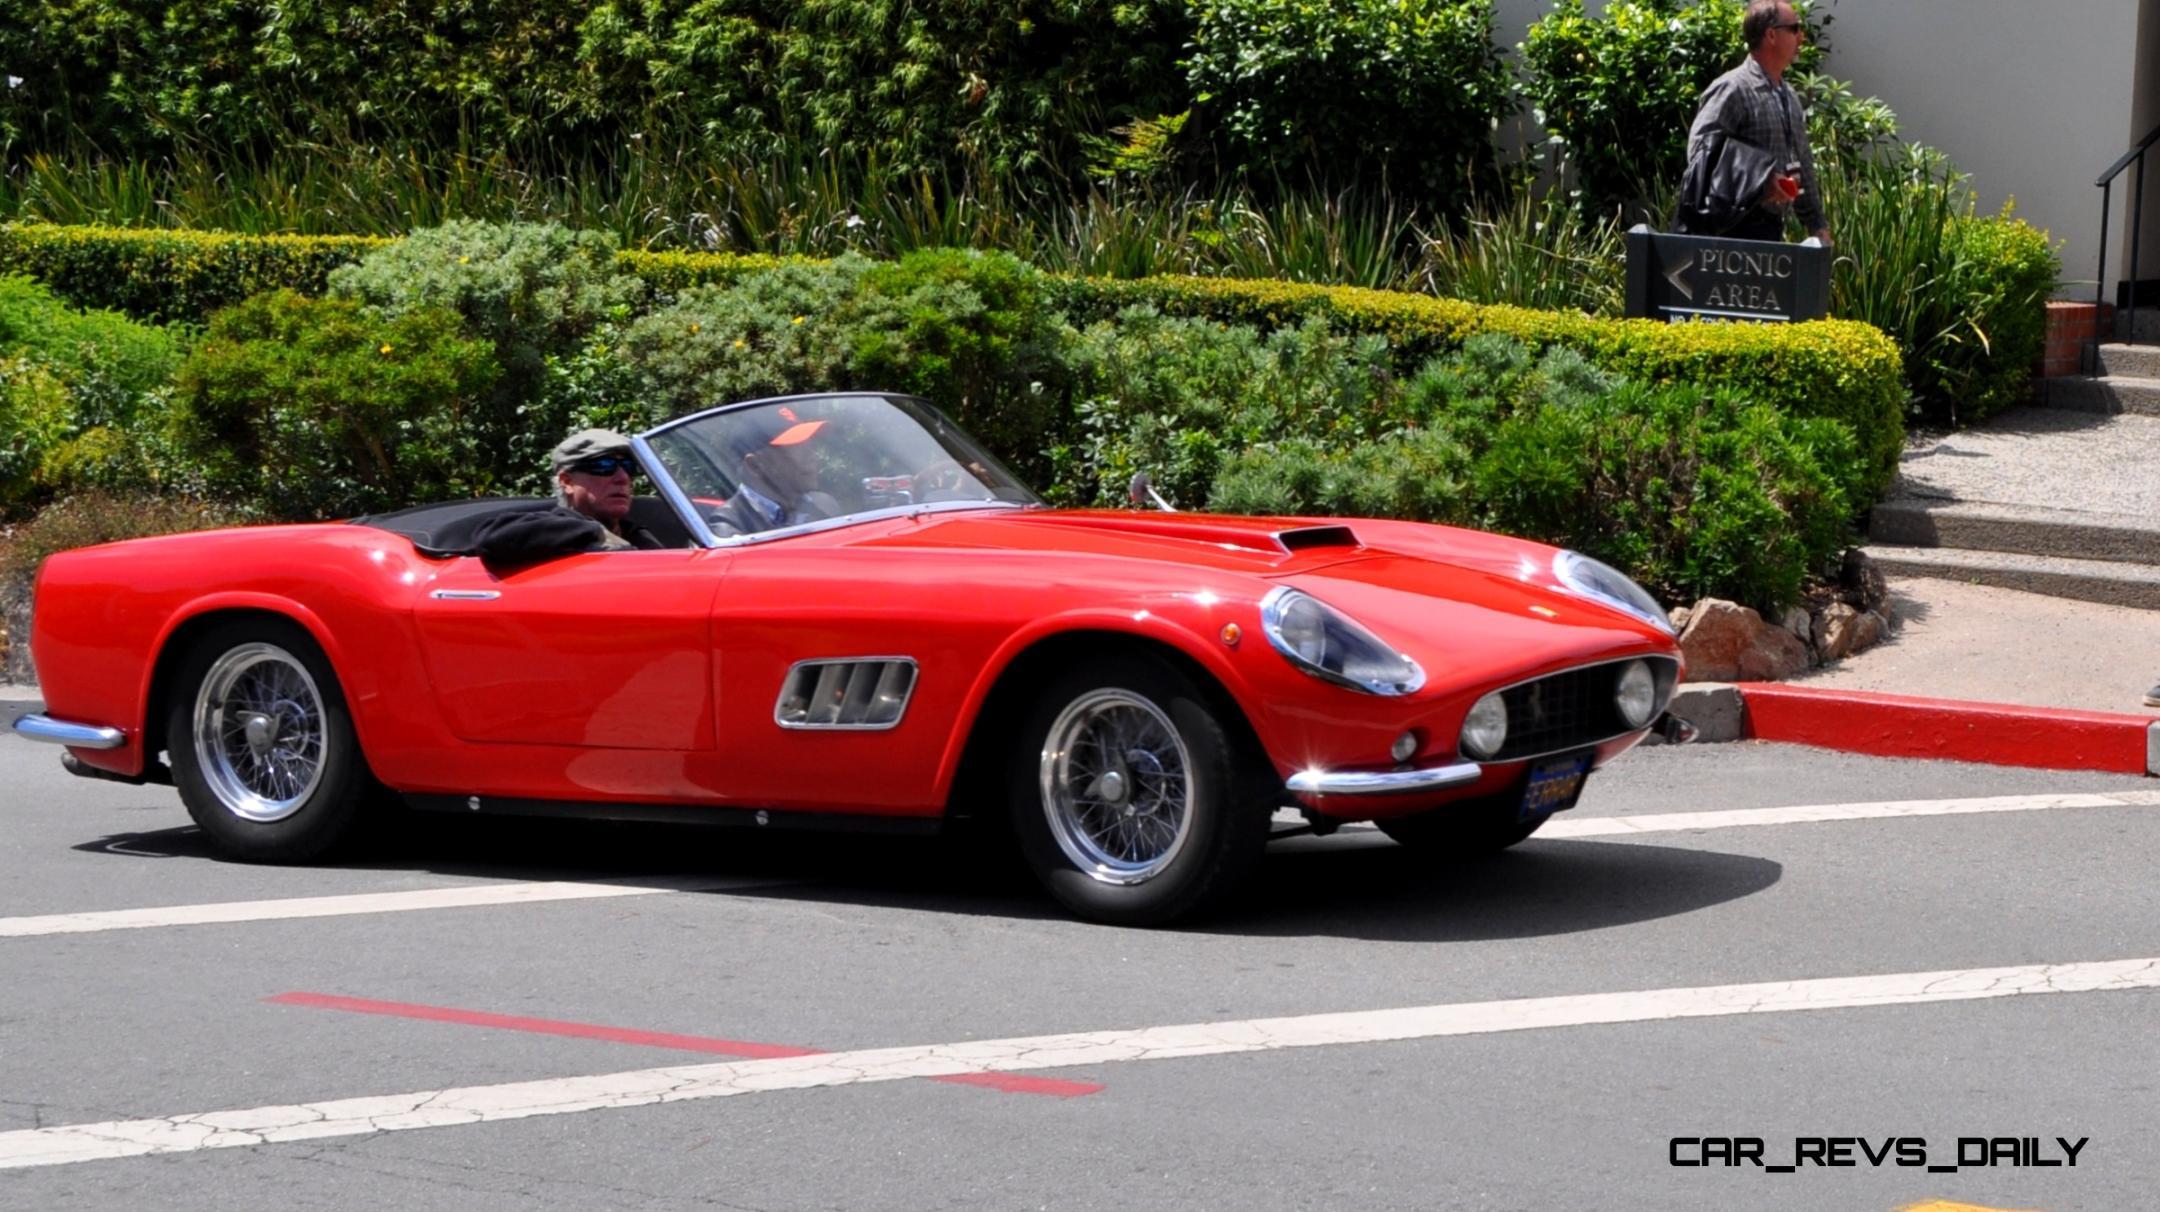 1961 Ferrari 250gt Lwb California Spider Gif